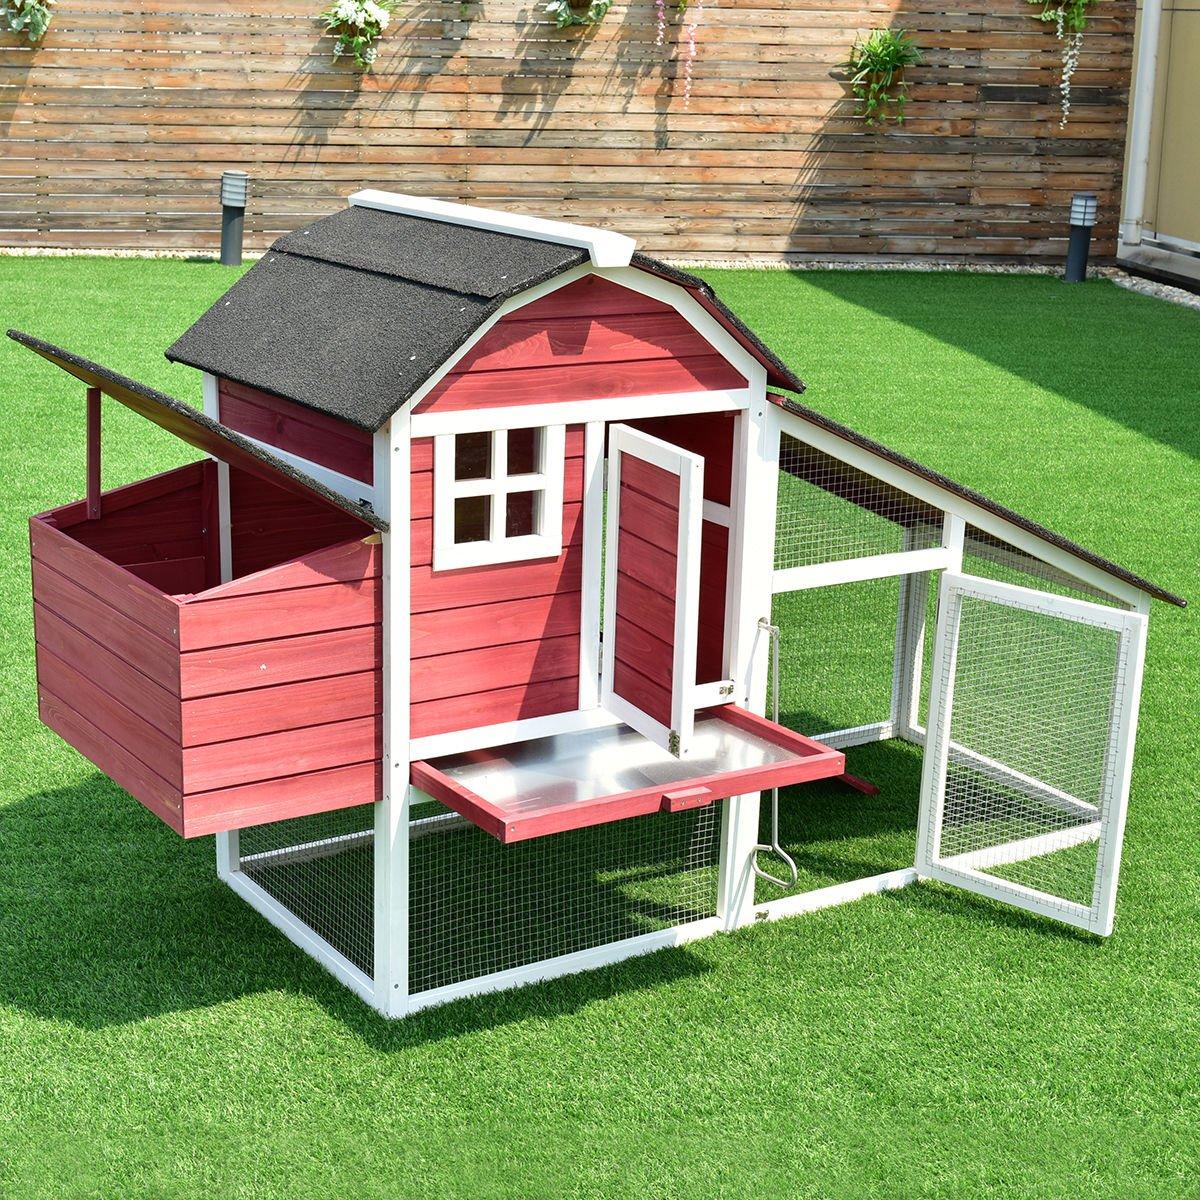 chicken coop supplies p services county hutch crumlin antrim rabbit hutches in house hen pet